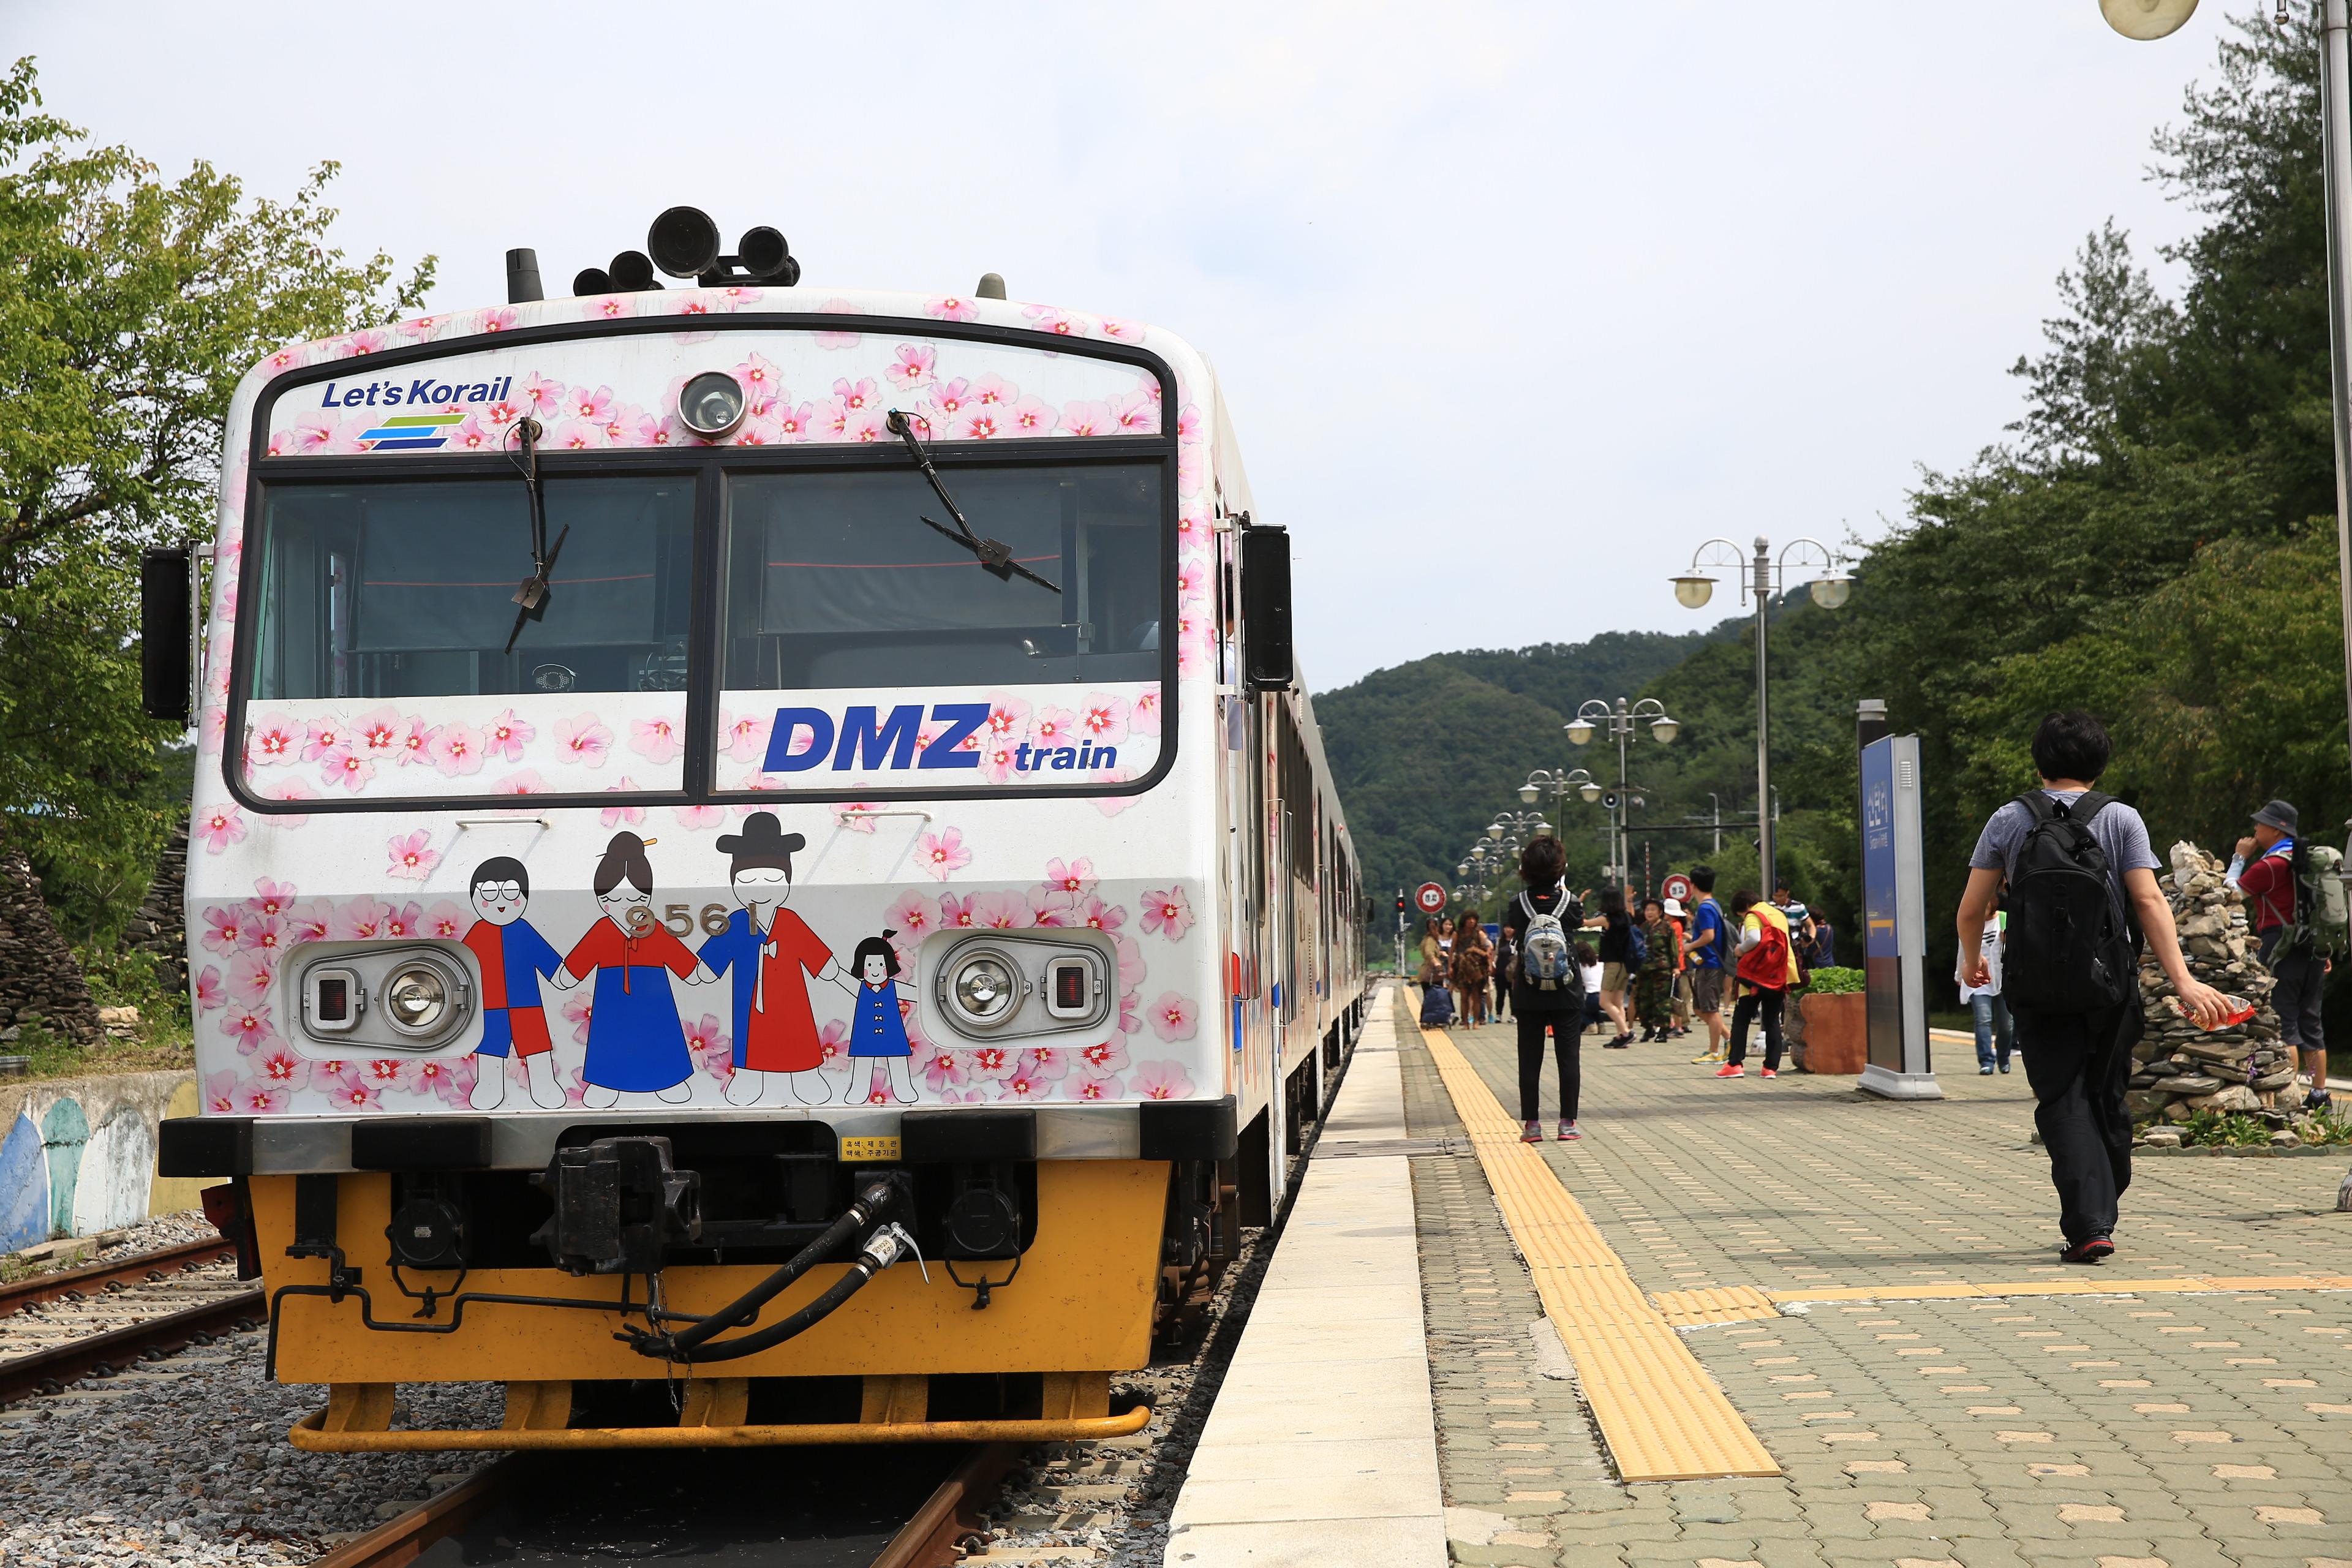 경기도 추천여행-DMZ트레인 타고 연천시티투어 Go Go~~씽